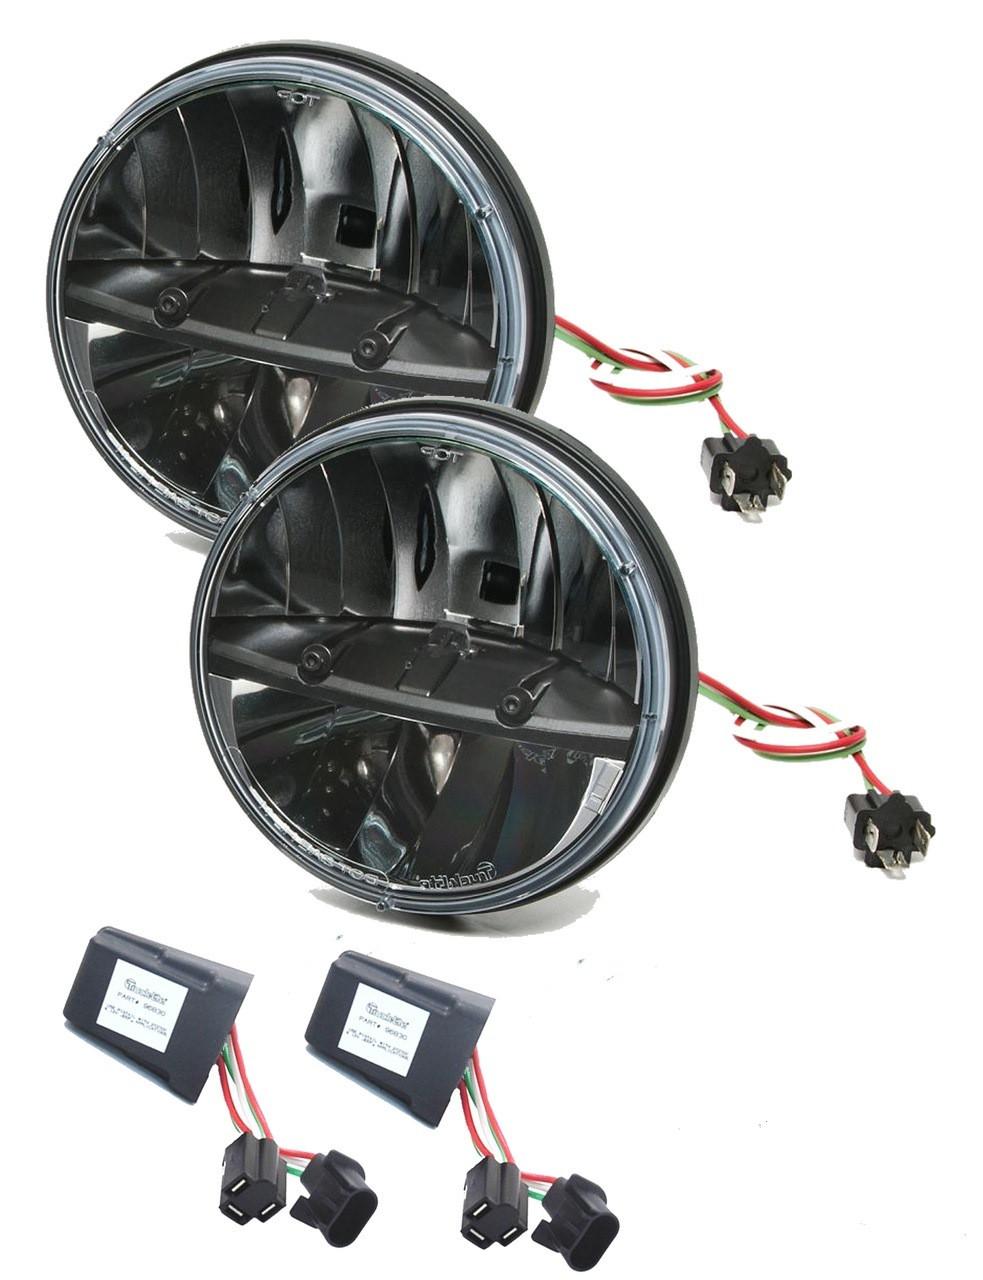 truck lite 27270c jeep jk kit 7 round led headlight pair anti flicker harness [ 983 x 1280 Pixel ]